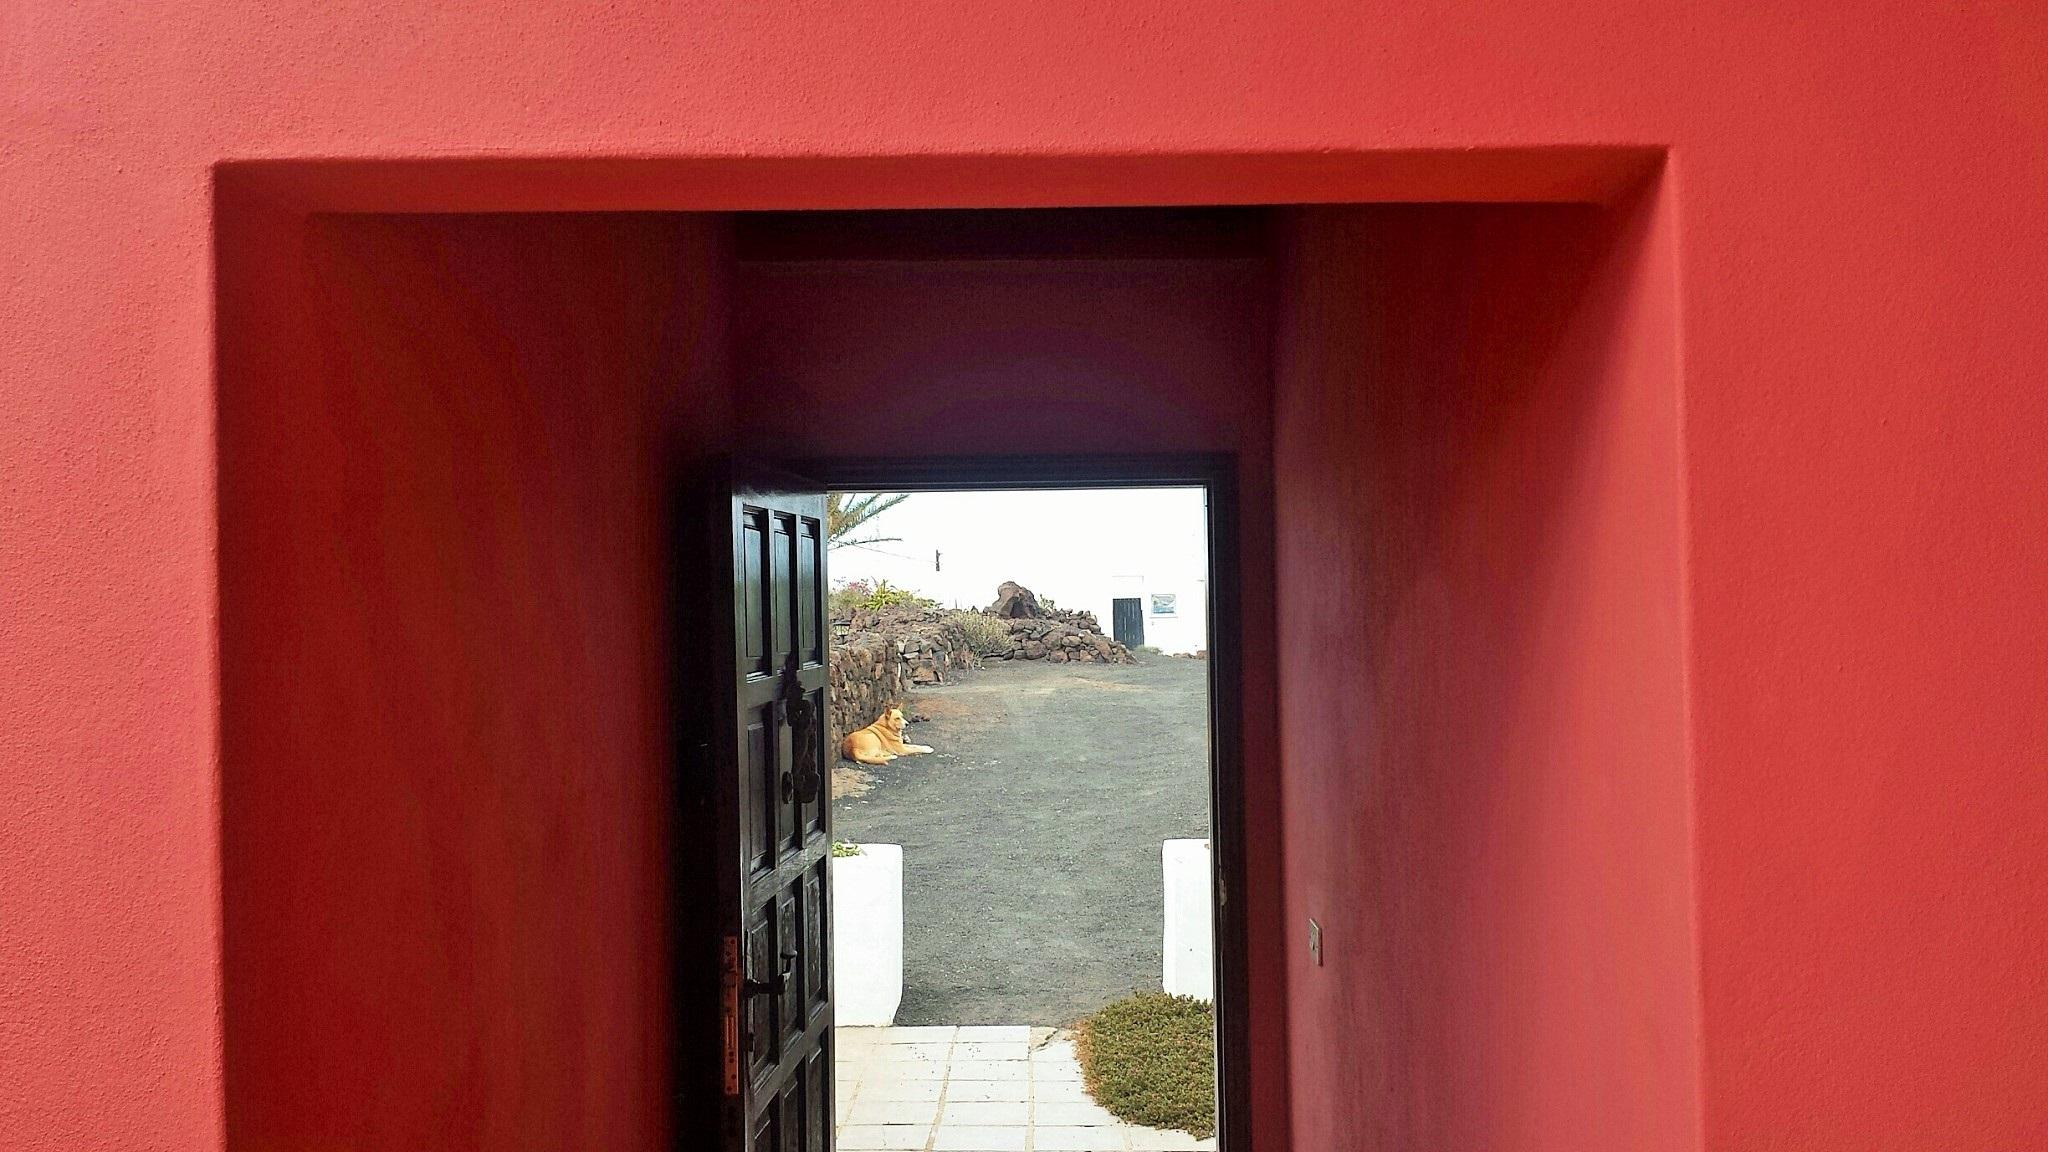 La puerta abierta